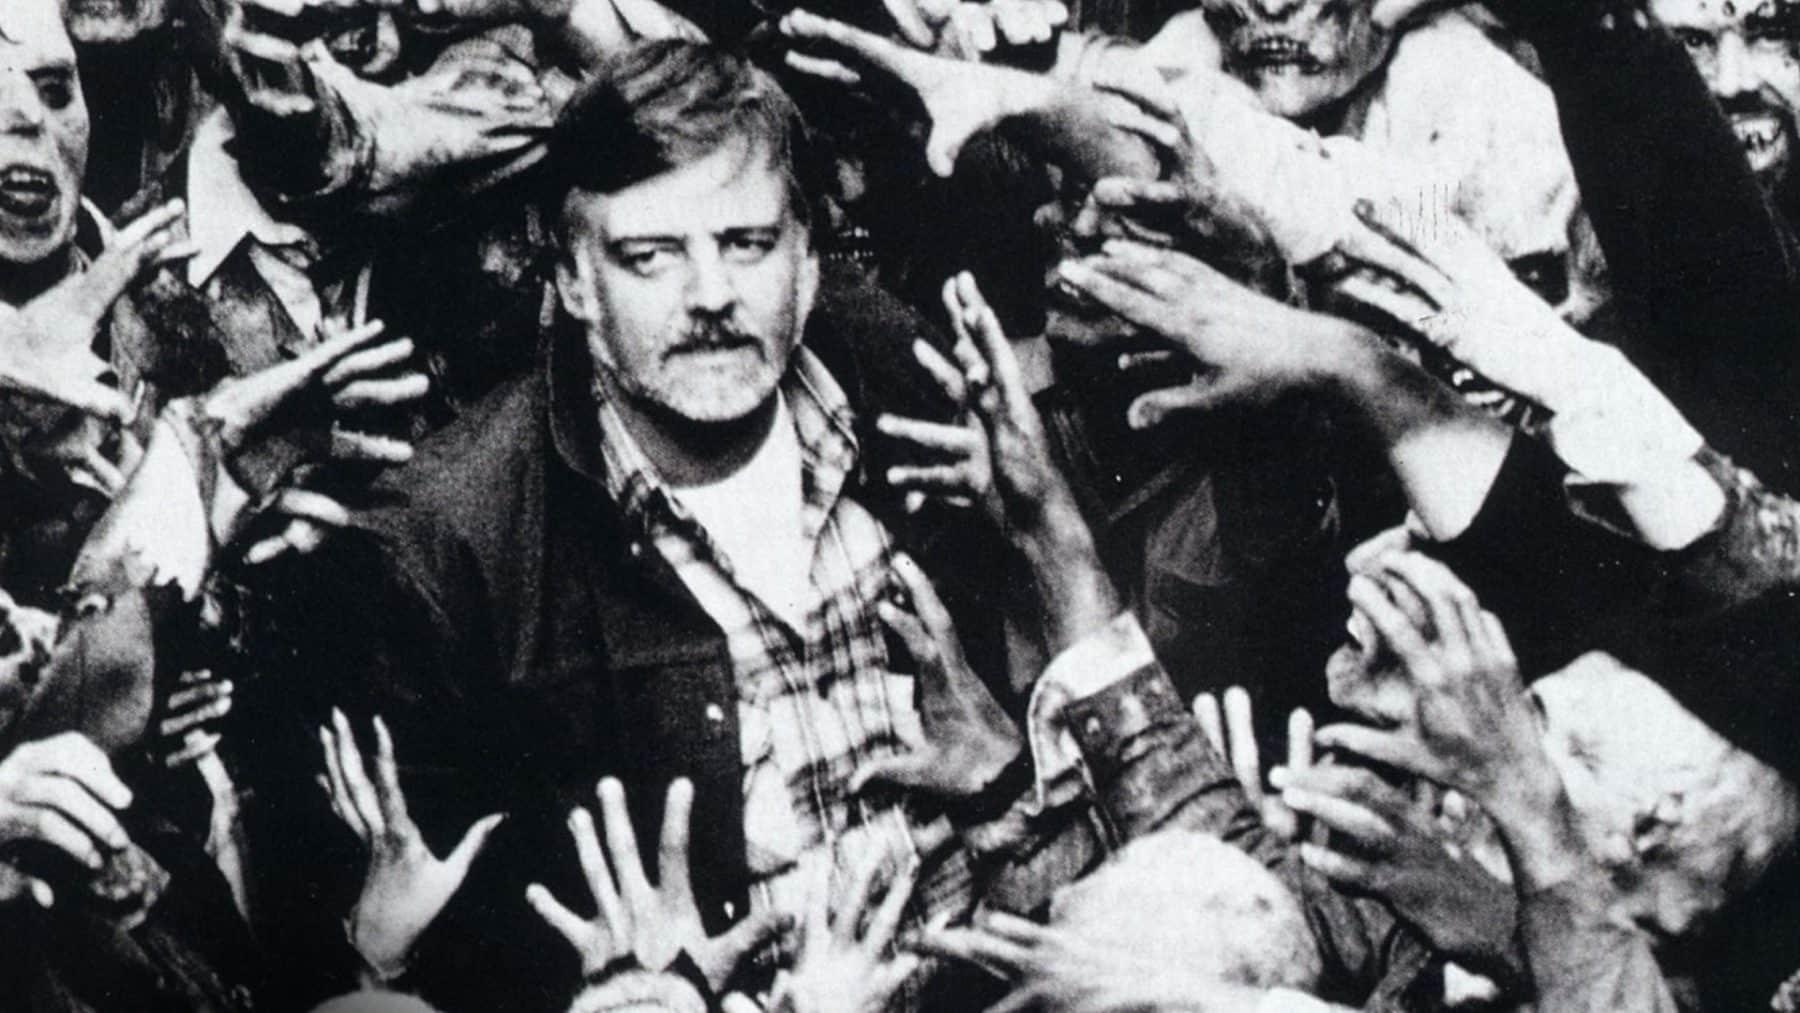 Night of the Living Dead tendrá secuela oficial con equipo original y guion de George Romero